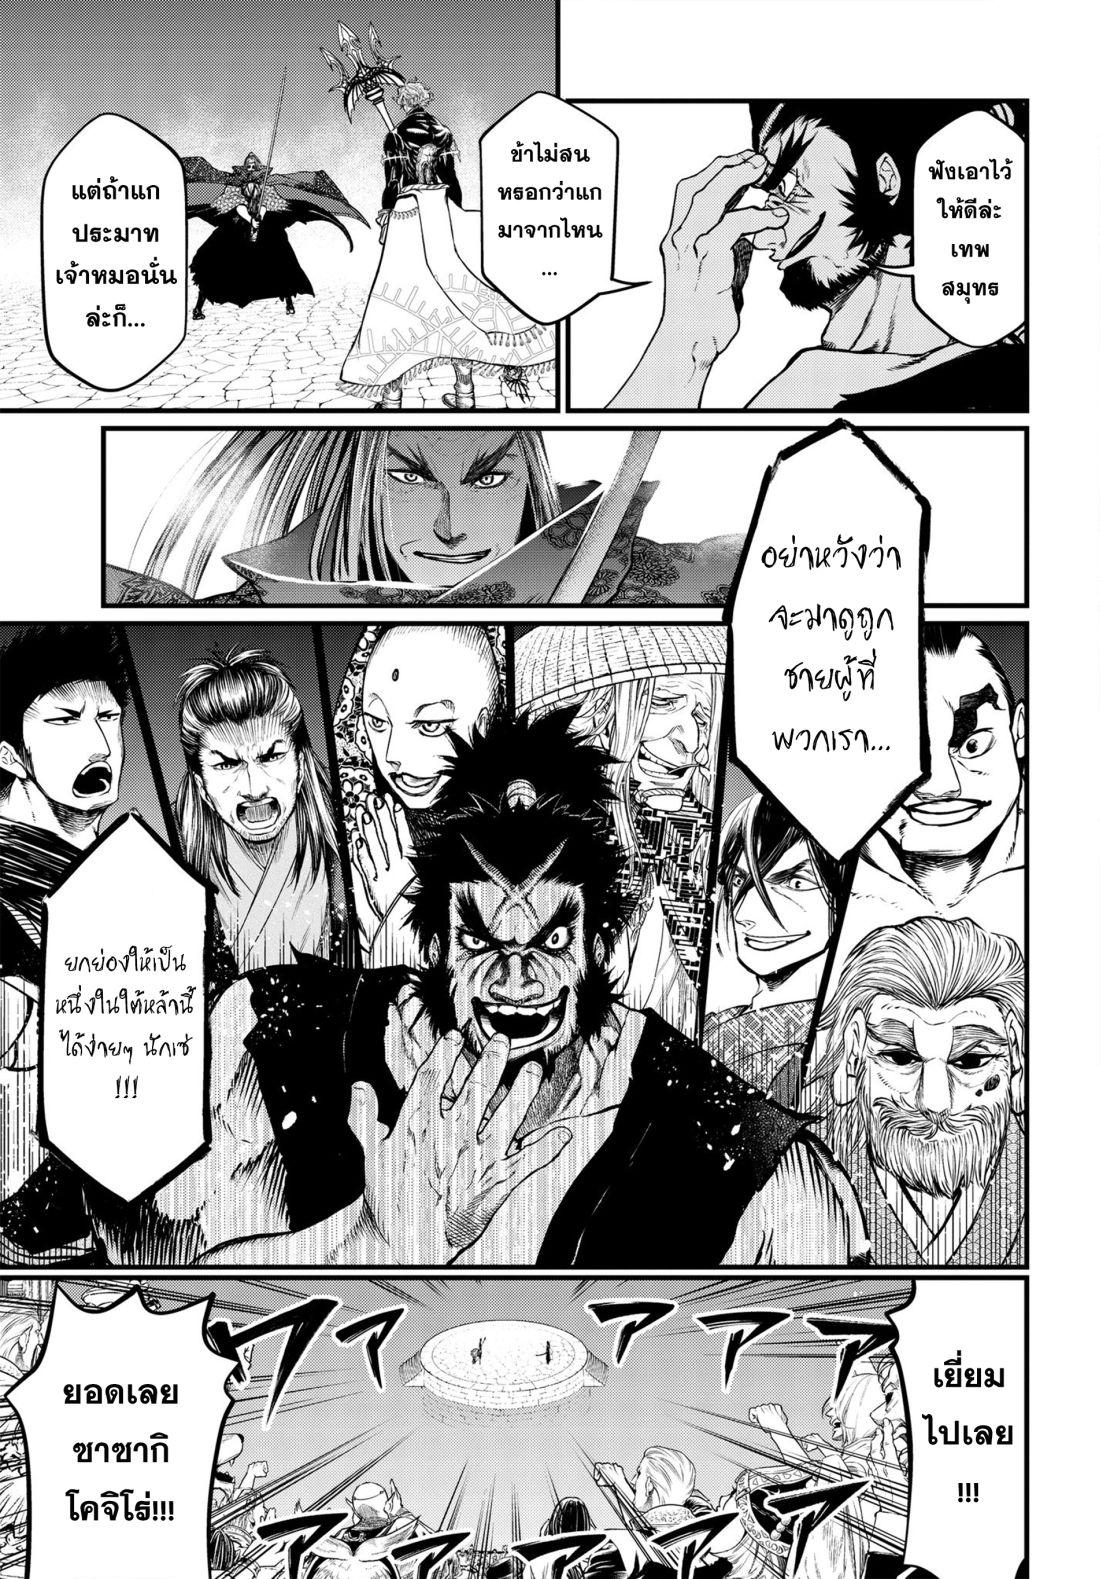 อ่านการ์ตูน Shuumatsu no Walkure ตอนที่ 17 หน้าที่ 22